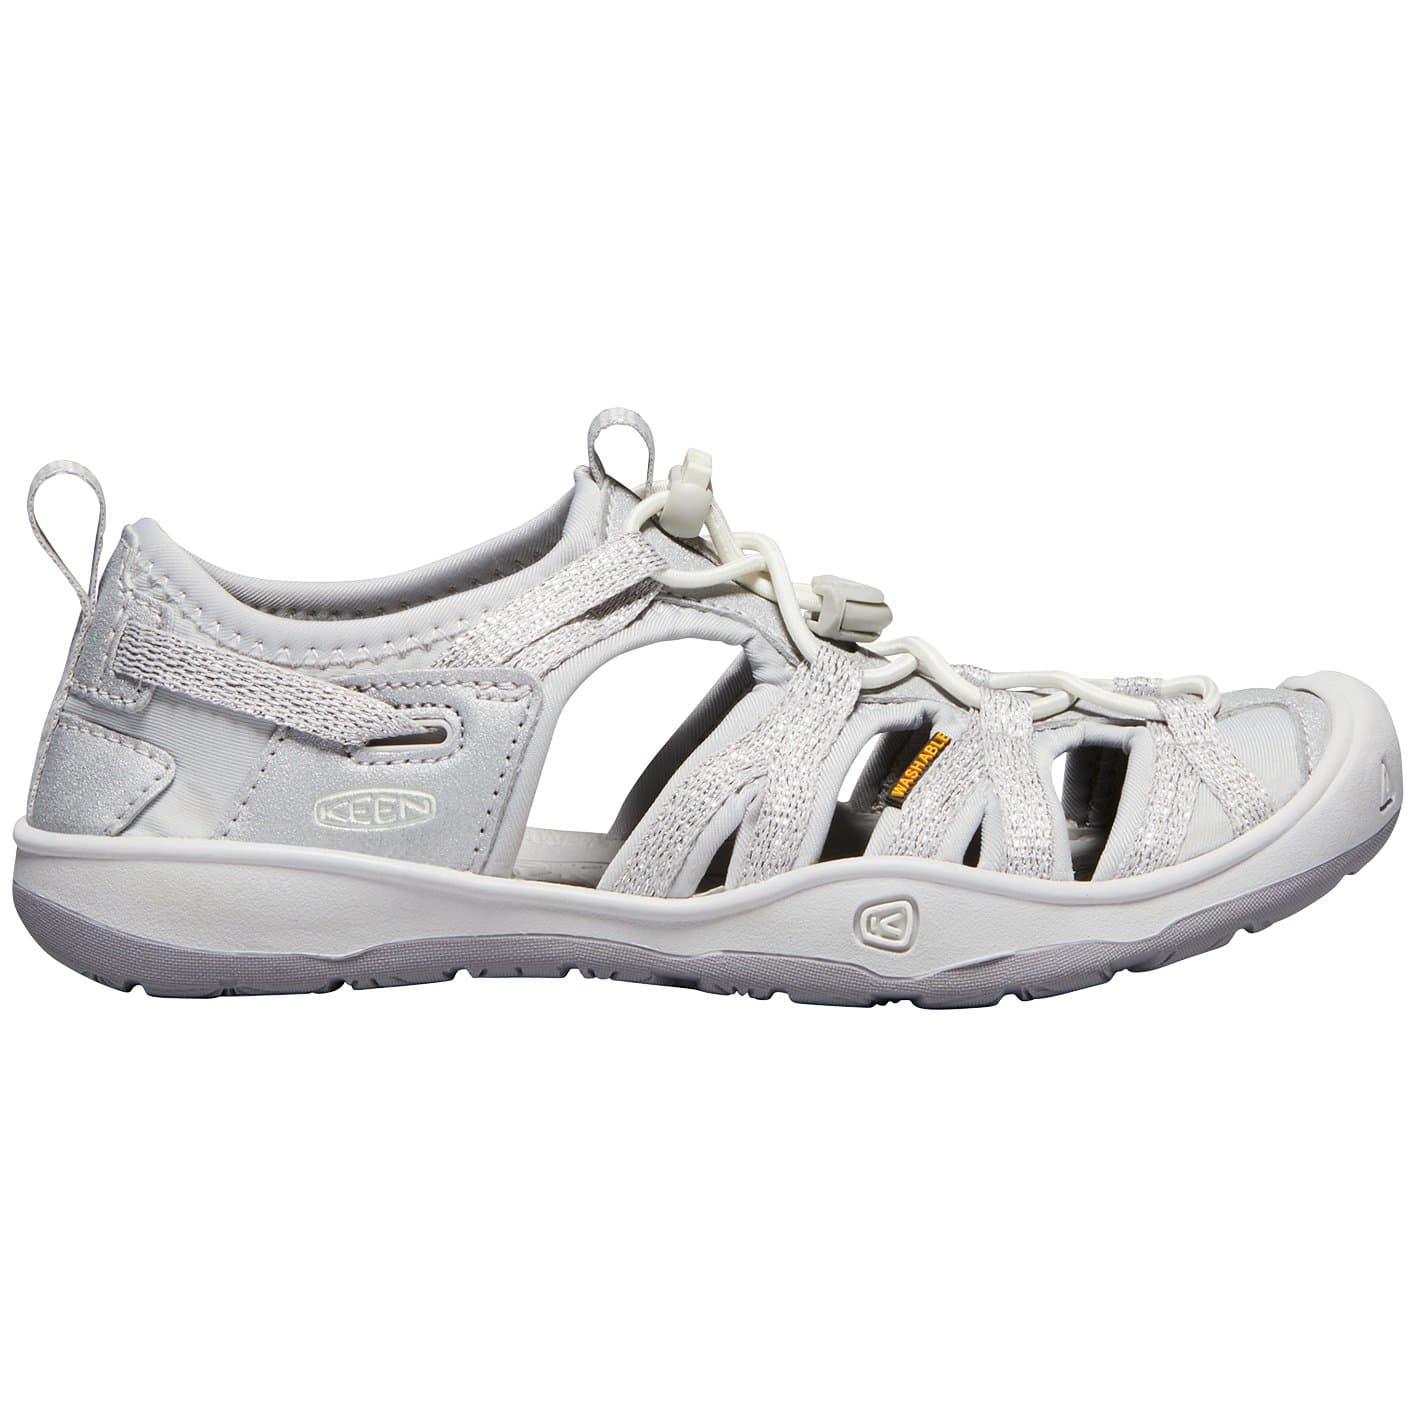 Keen Moxie Sandal Sandales pour enfant